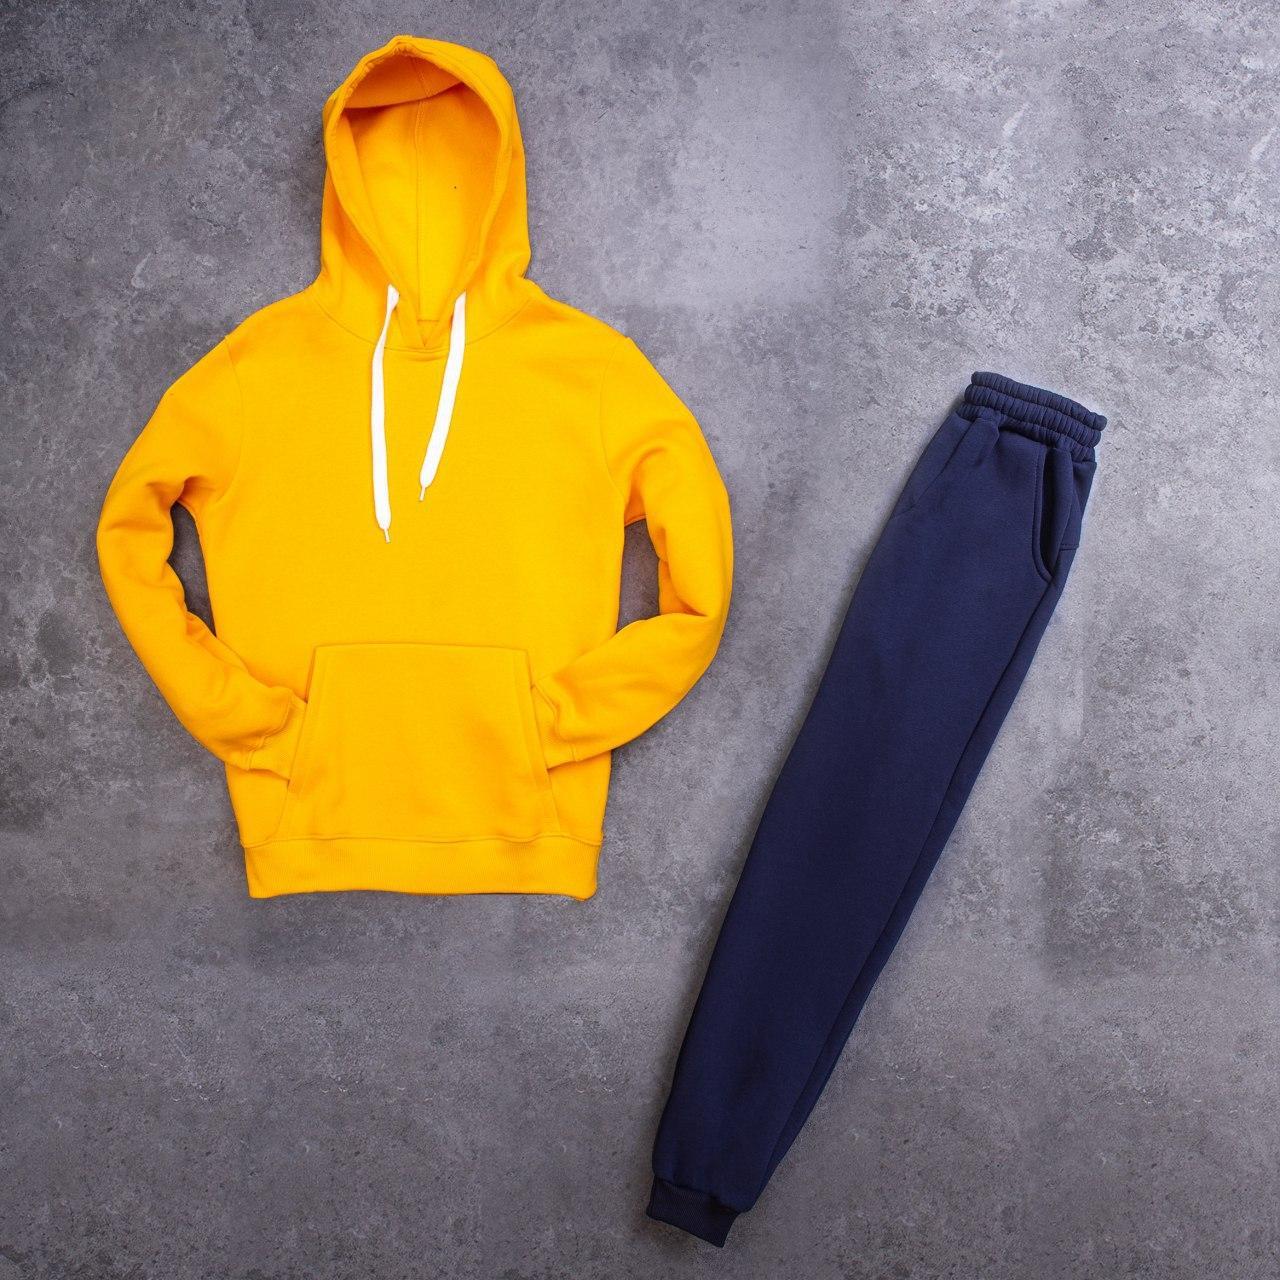 Мужской зимний спортивный костюм 98 Pobedov (желтый с синим)